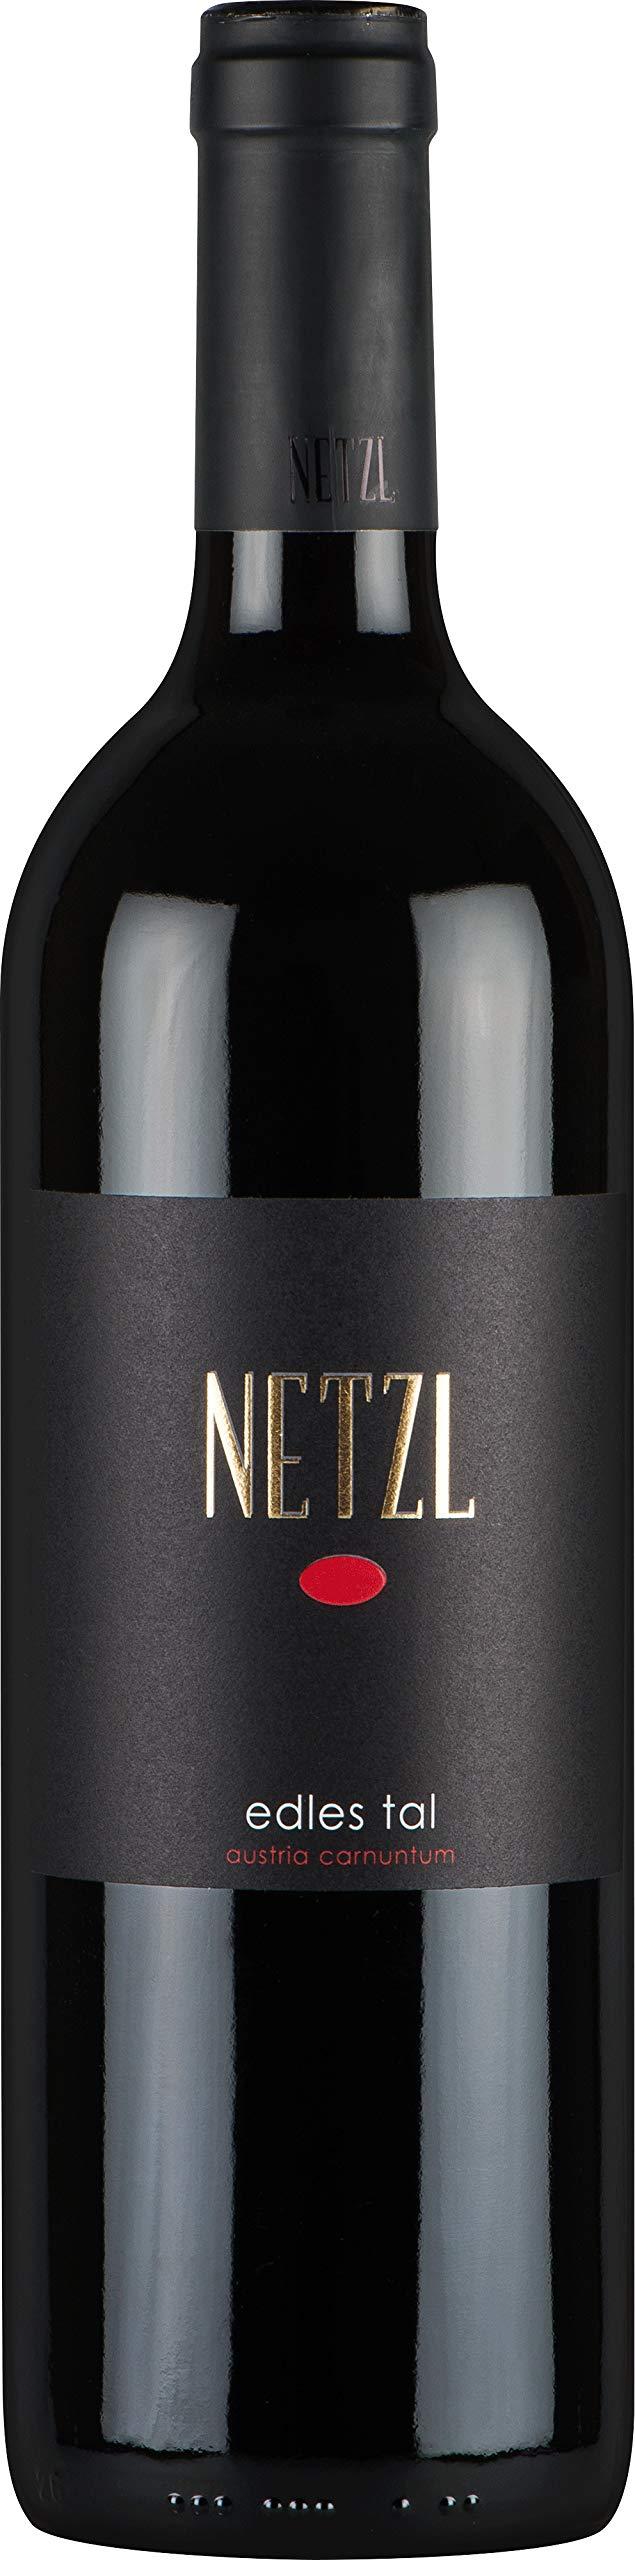 Netzl-Edles-Tal-2016